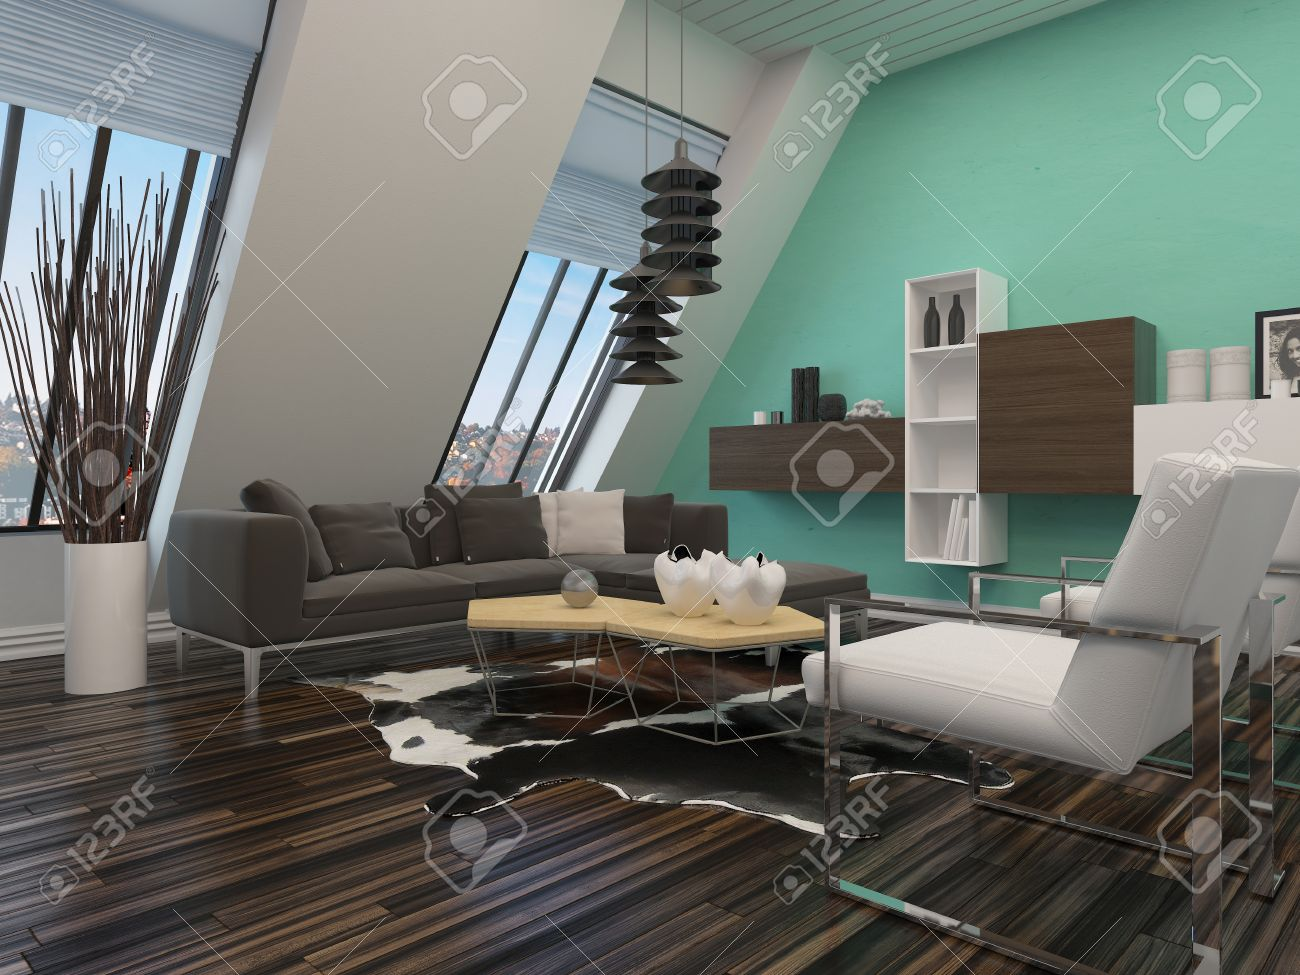 Salon Moderne Décoration Intérieure D\'un Mur En Pente Avec Des ...